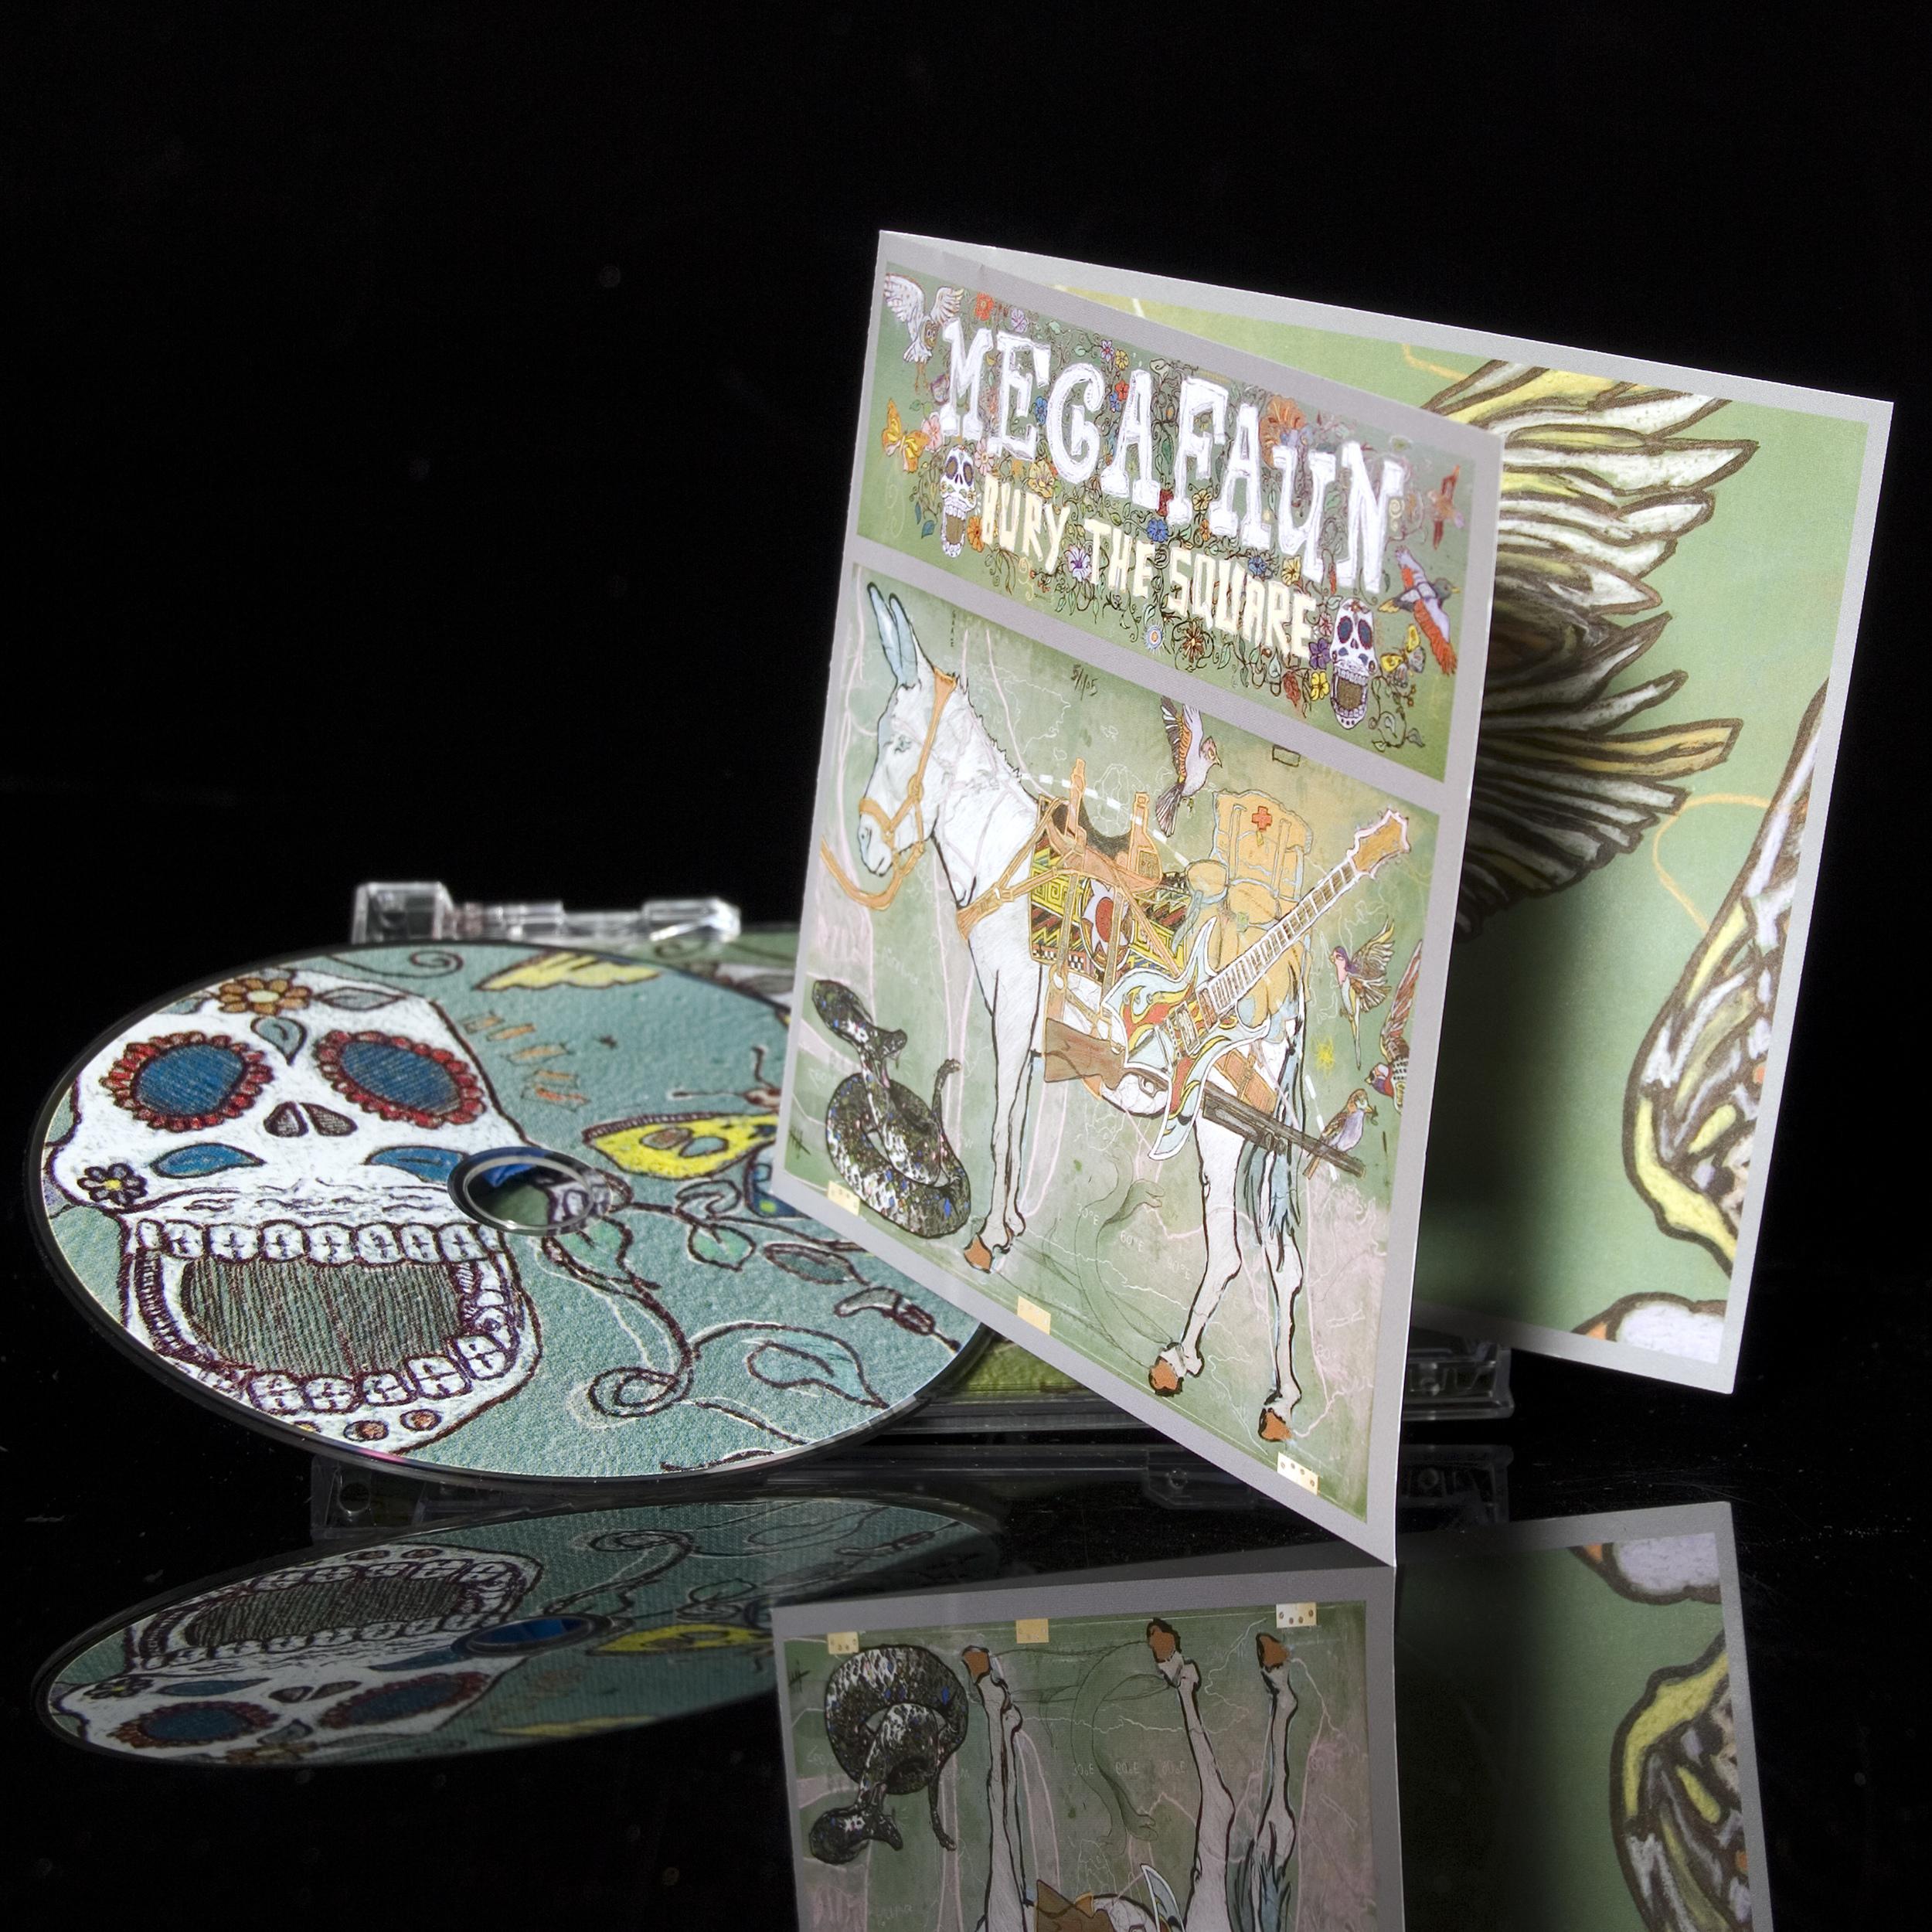 Megafaun (2008)